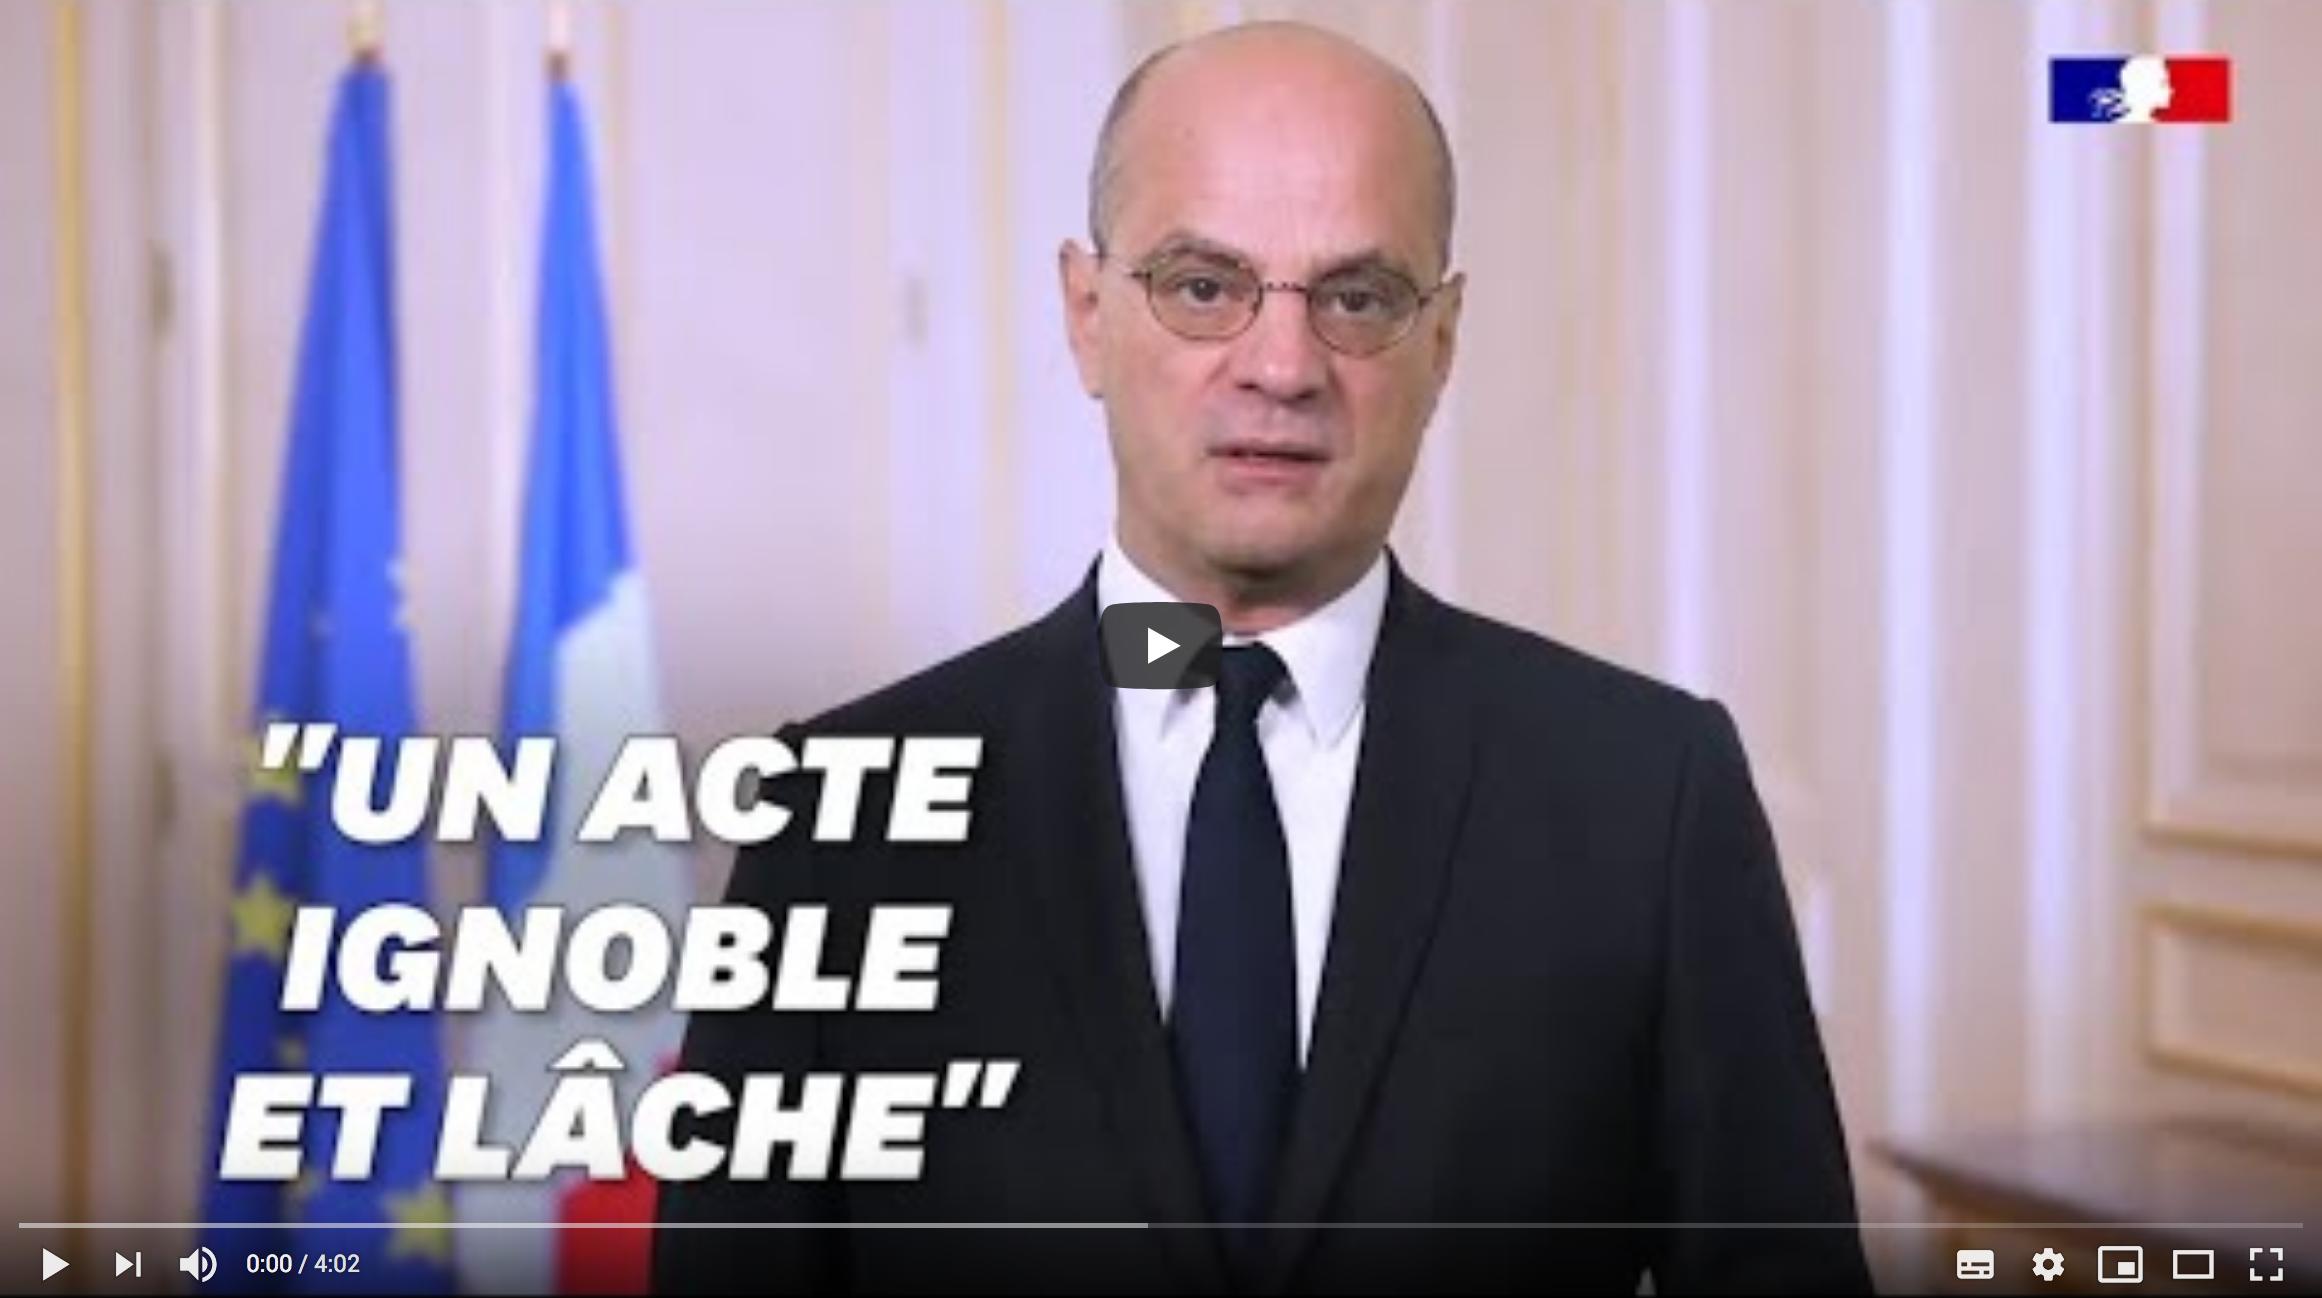 """Jean-Michel Blanquer promet de """"protéger"""" les enseignants après l'attaque de Conflans-Sainte-Honorine (sans dire comment ni promettre d'arrêter l'immigration musulmane en France)"""